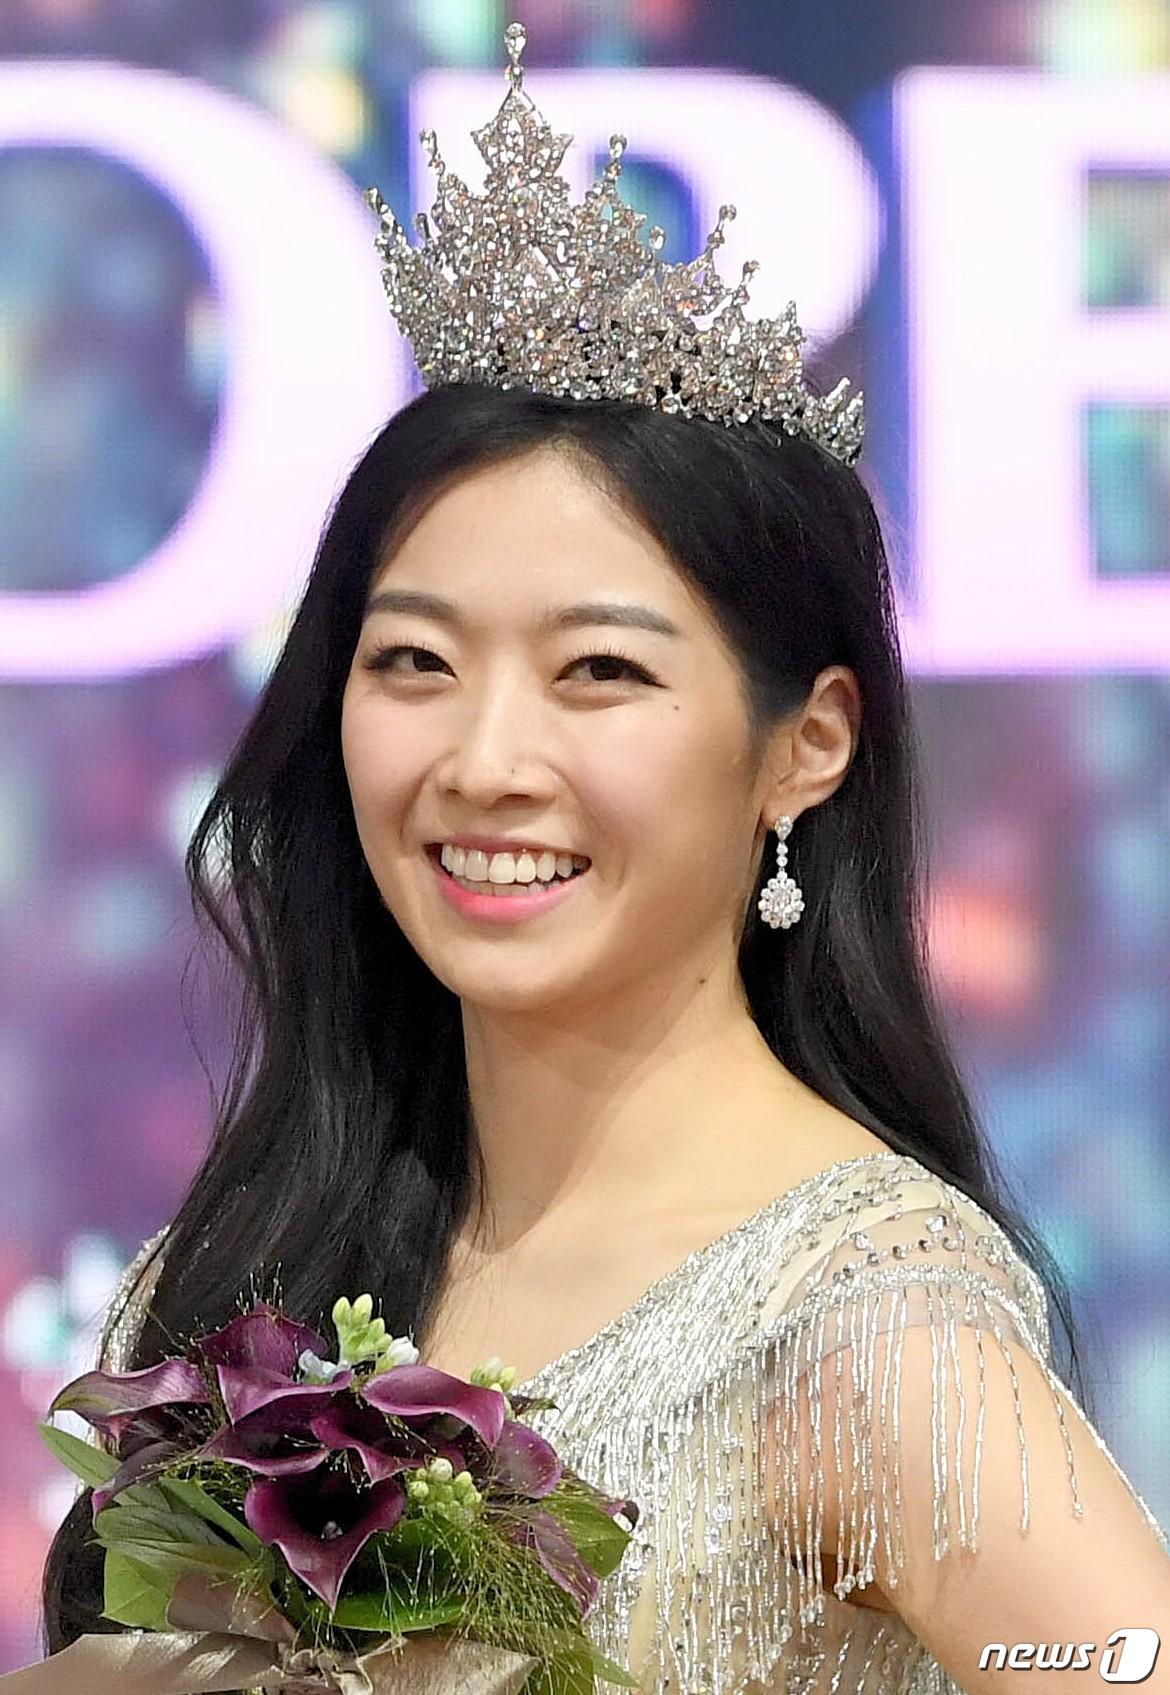 Bàn cân nhan sắc Tân và cựu Hoa hậu Hàn Quốc: Bên đẹp như diễn viên bên gây tranh cãi, body gây chú ý - Ảnh 5.